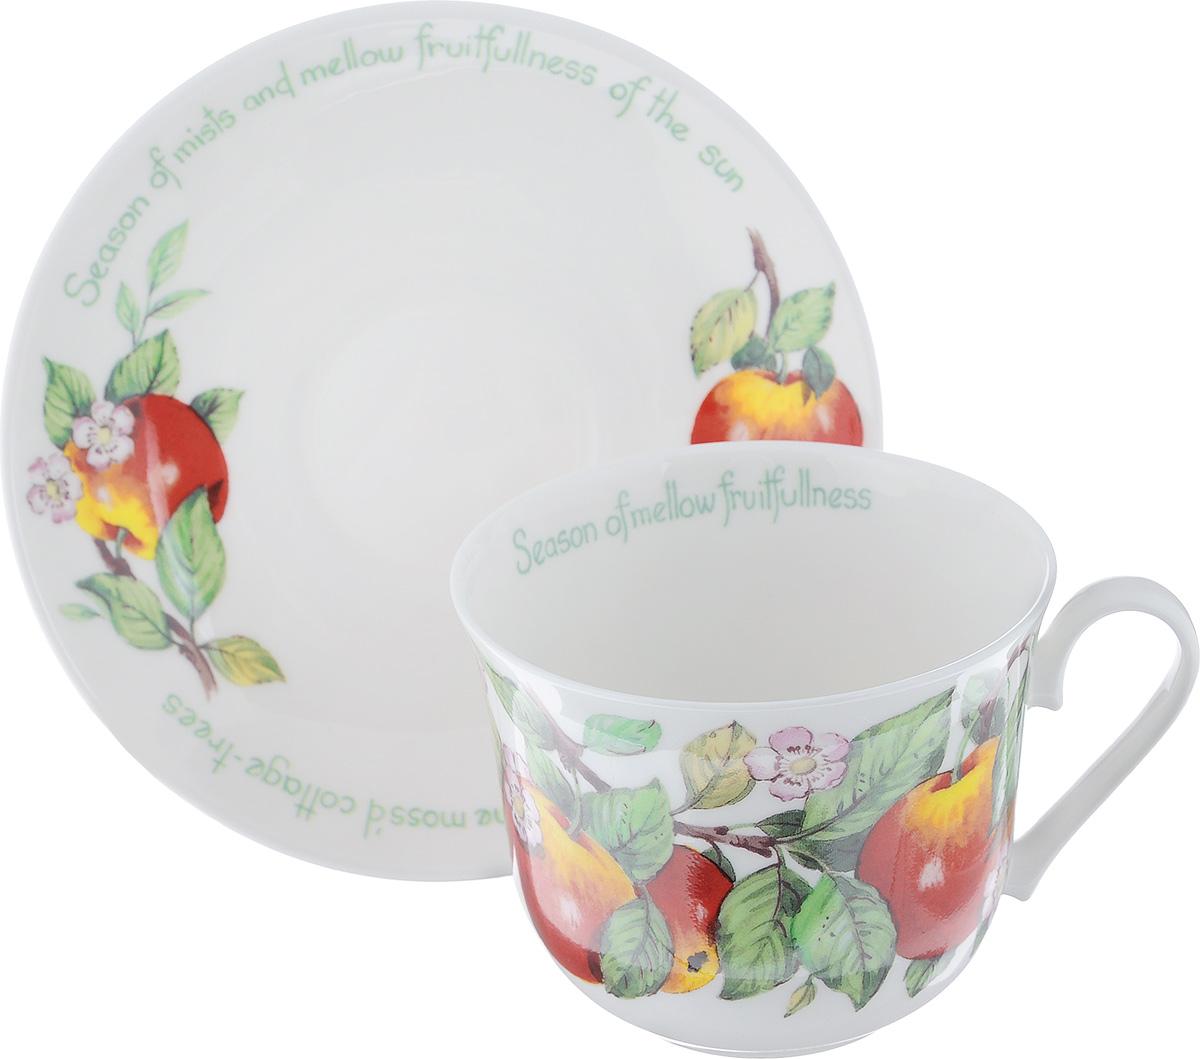 Чайная пара Roy Kirkham Фрукты, 2 предметаXMELFR1100Чайная пара Roy Kirkham Фрукты состоит из чашки и блюдца, изготовленных из тонкостенного костяного фарфора высшего качества, отличающегося необыкновенной прочностью и небольшим весом. Изделия оформлены цветным рисунком. Яркий дизайн, несомненно, придется вам по вкусу. Чайная пара Roy Kirkham Фрукты украсит ваш кухонный стол, а также станет замечательным подарком к любому празднику. Объем чашки: 500 мл. Диаметр чашки по верхнему краю: 10,5 см. Высота чашки: 8,5 см. Диаметр блюдца: 17 см. Высота блюдца: 2,5 см.